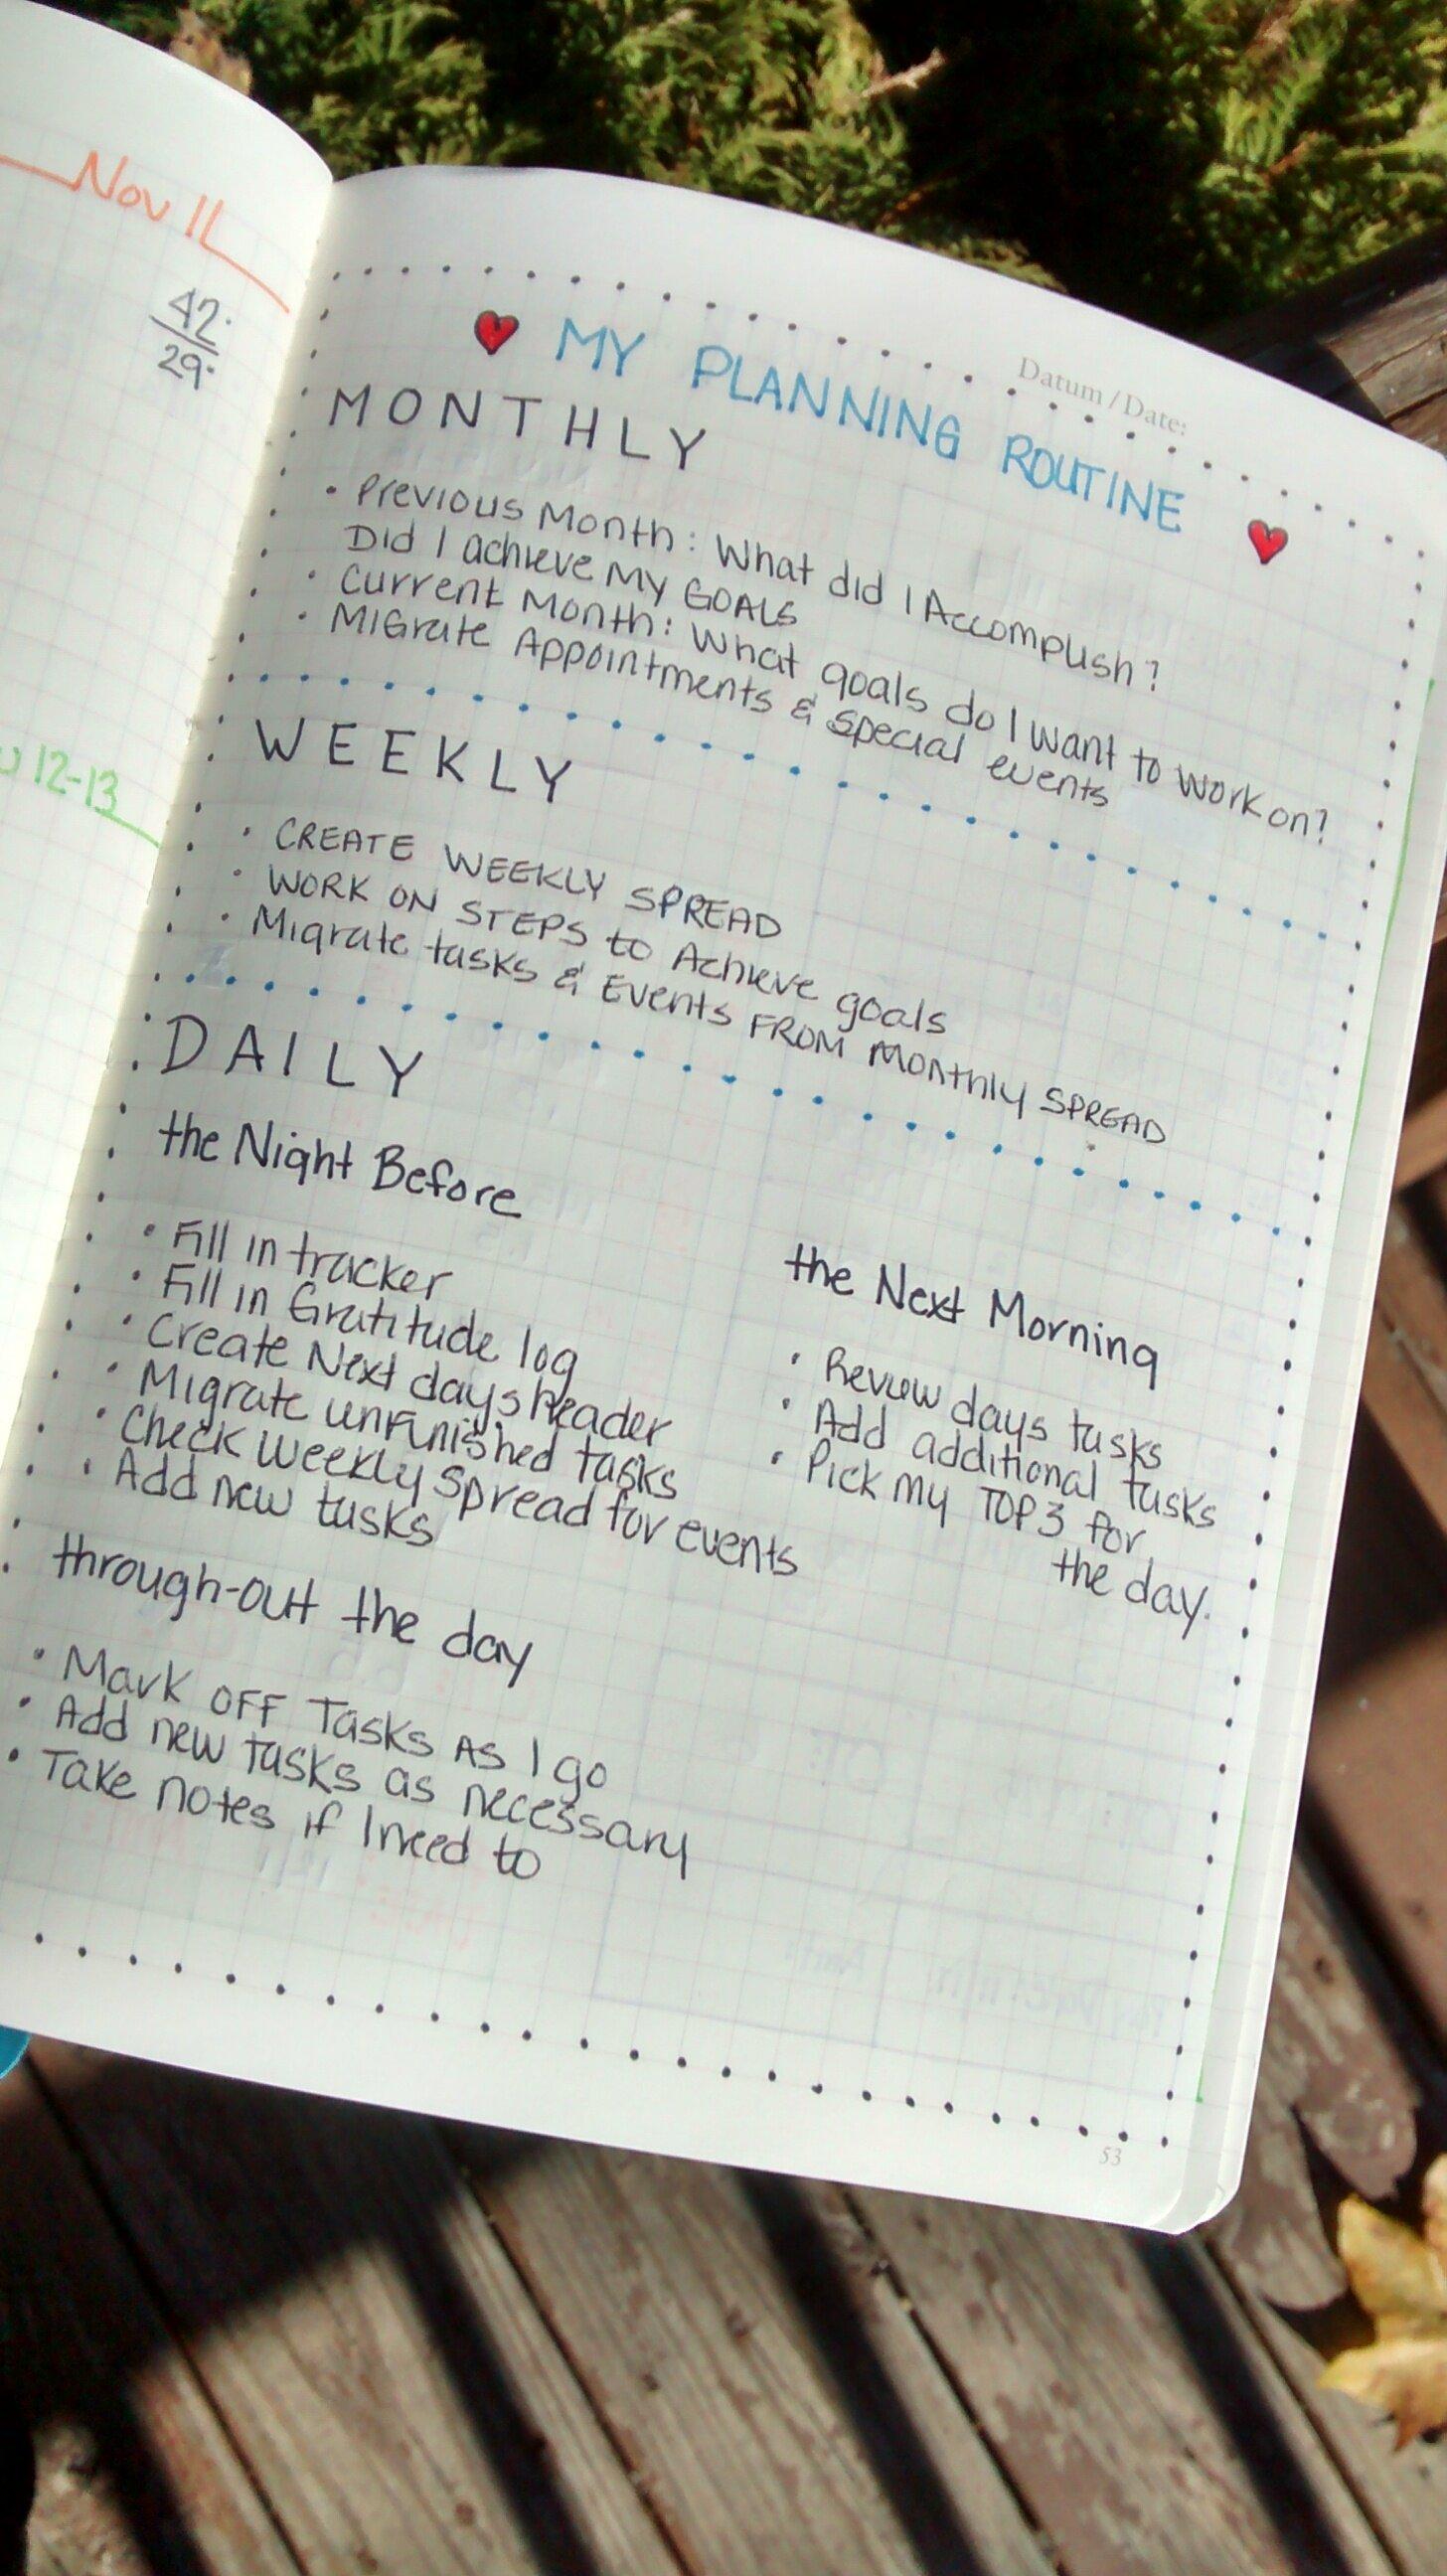 #TBT: My Planning Routine